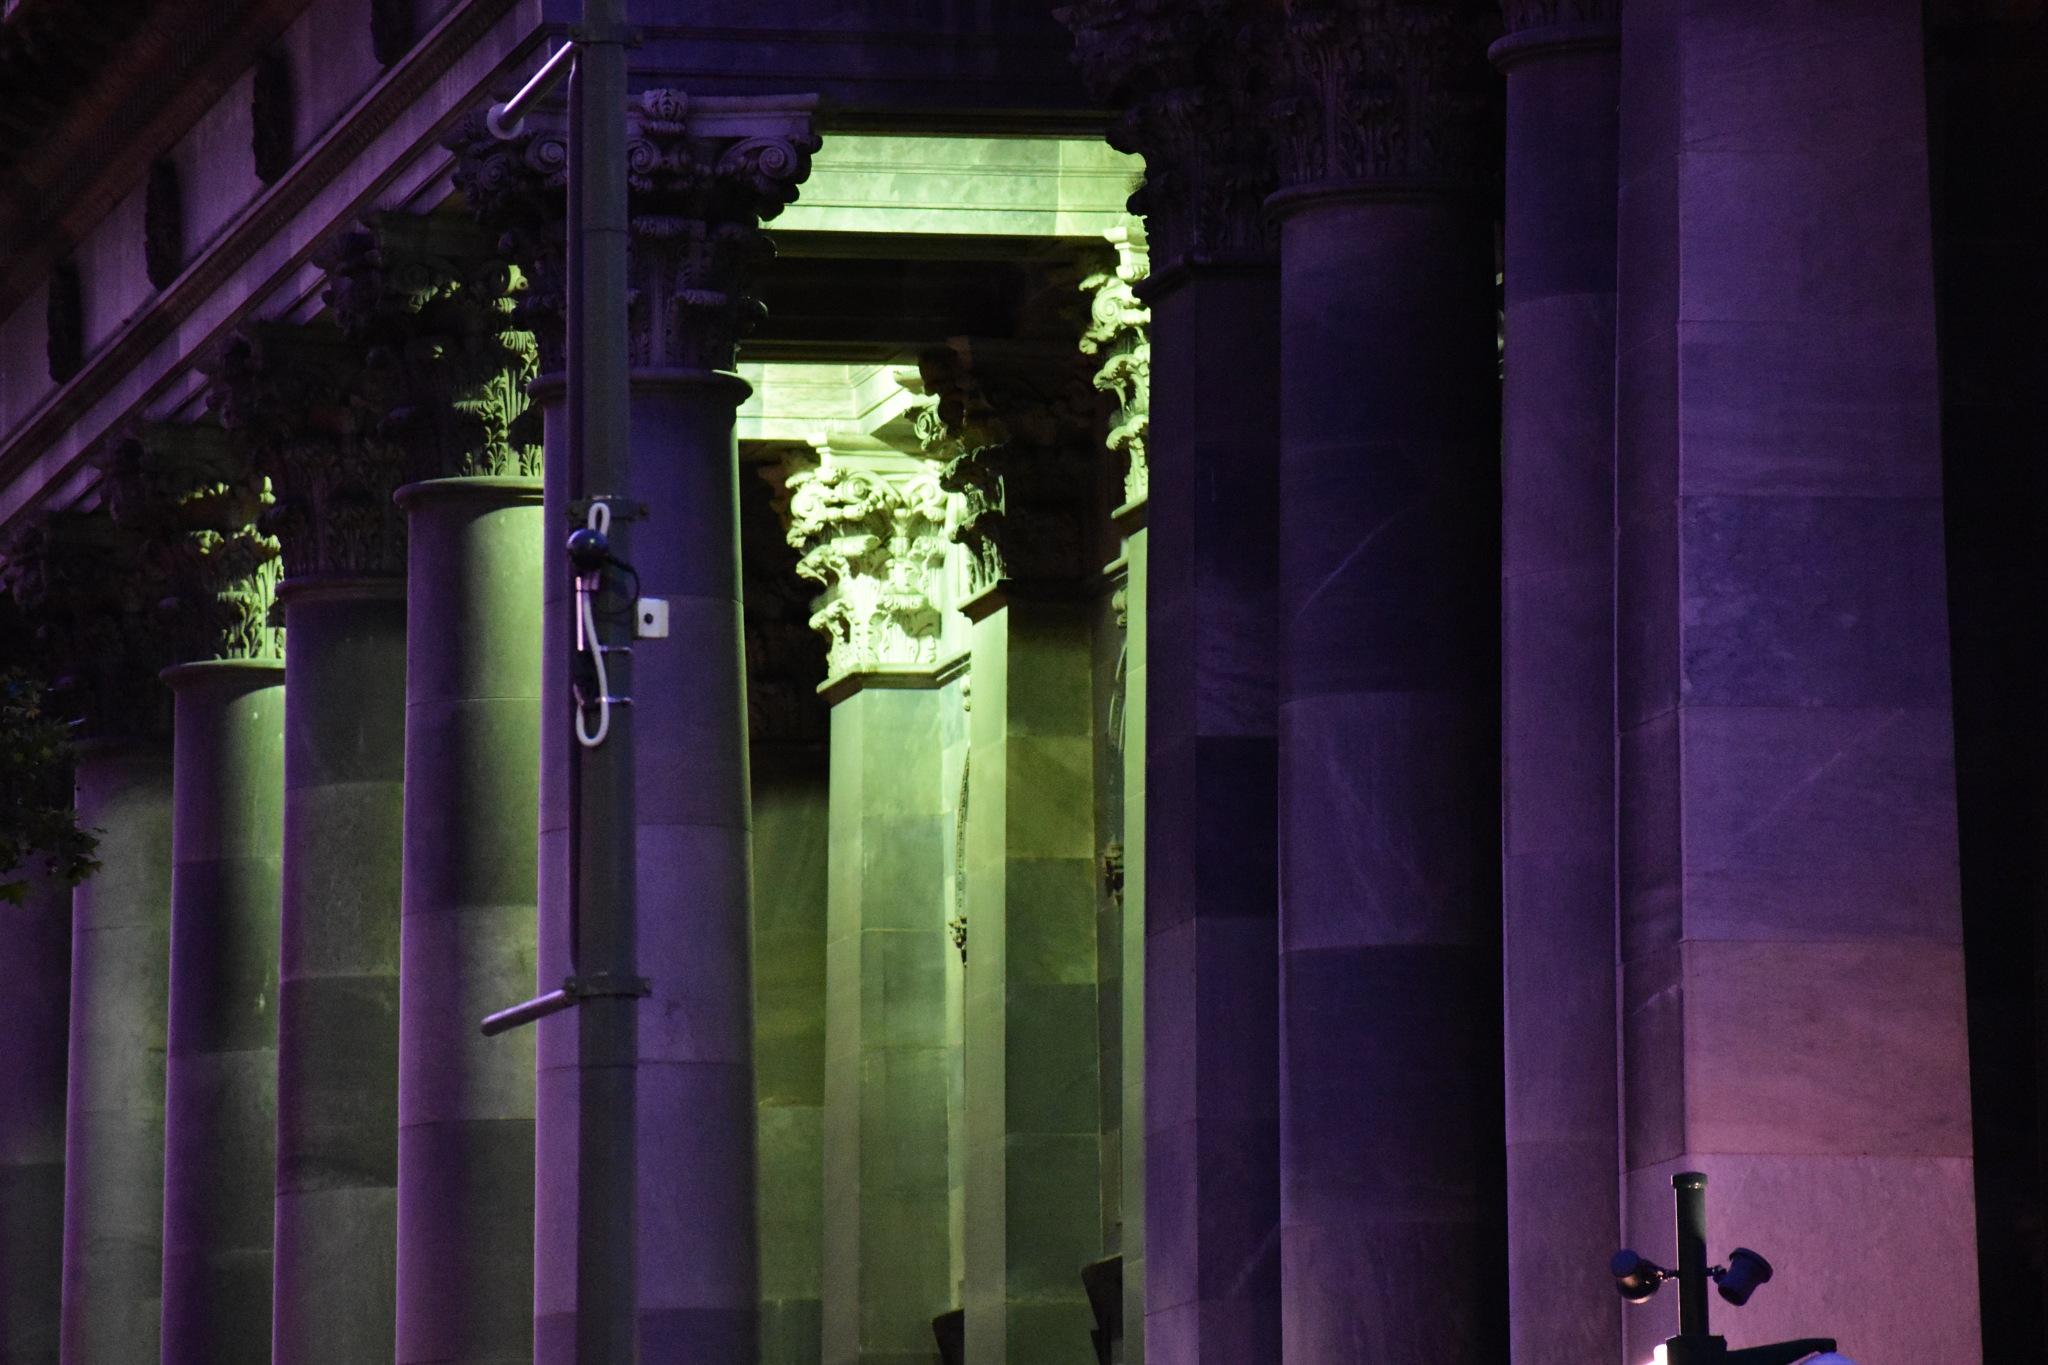 Parliament of Colour by Scott Nisbet